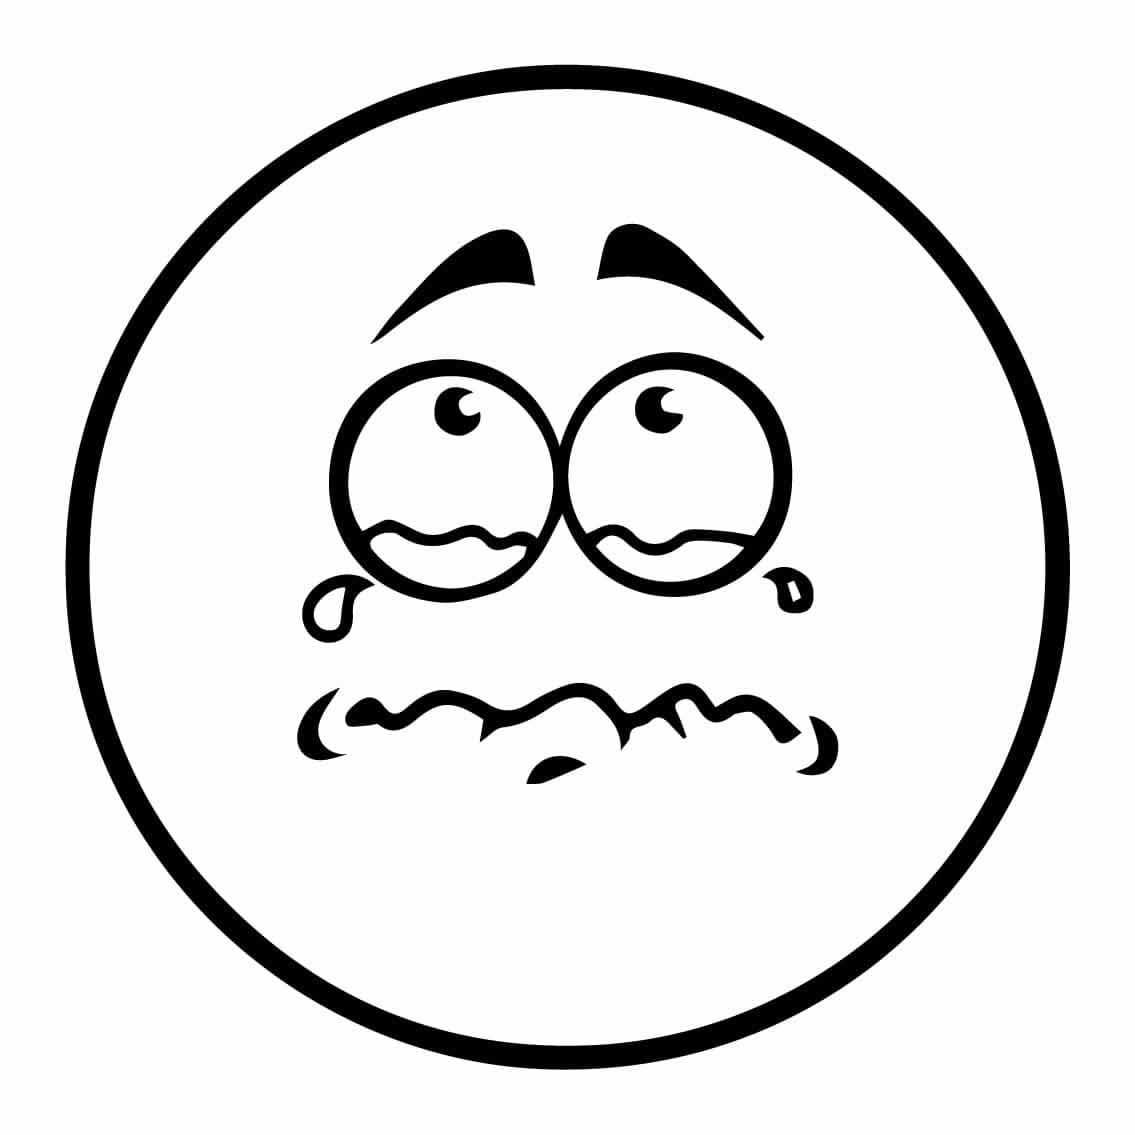 los mejores dibujos de emojis para colorear demojis co